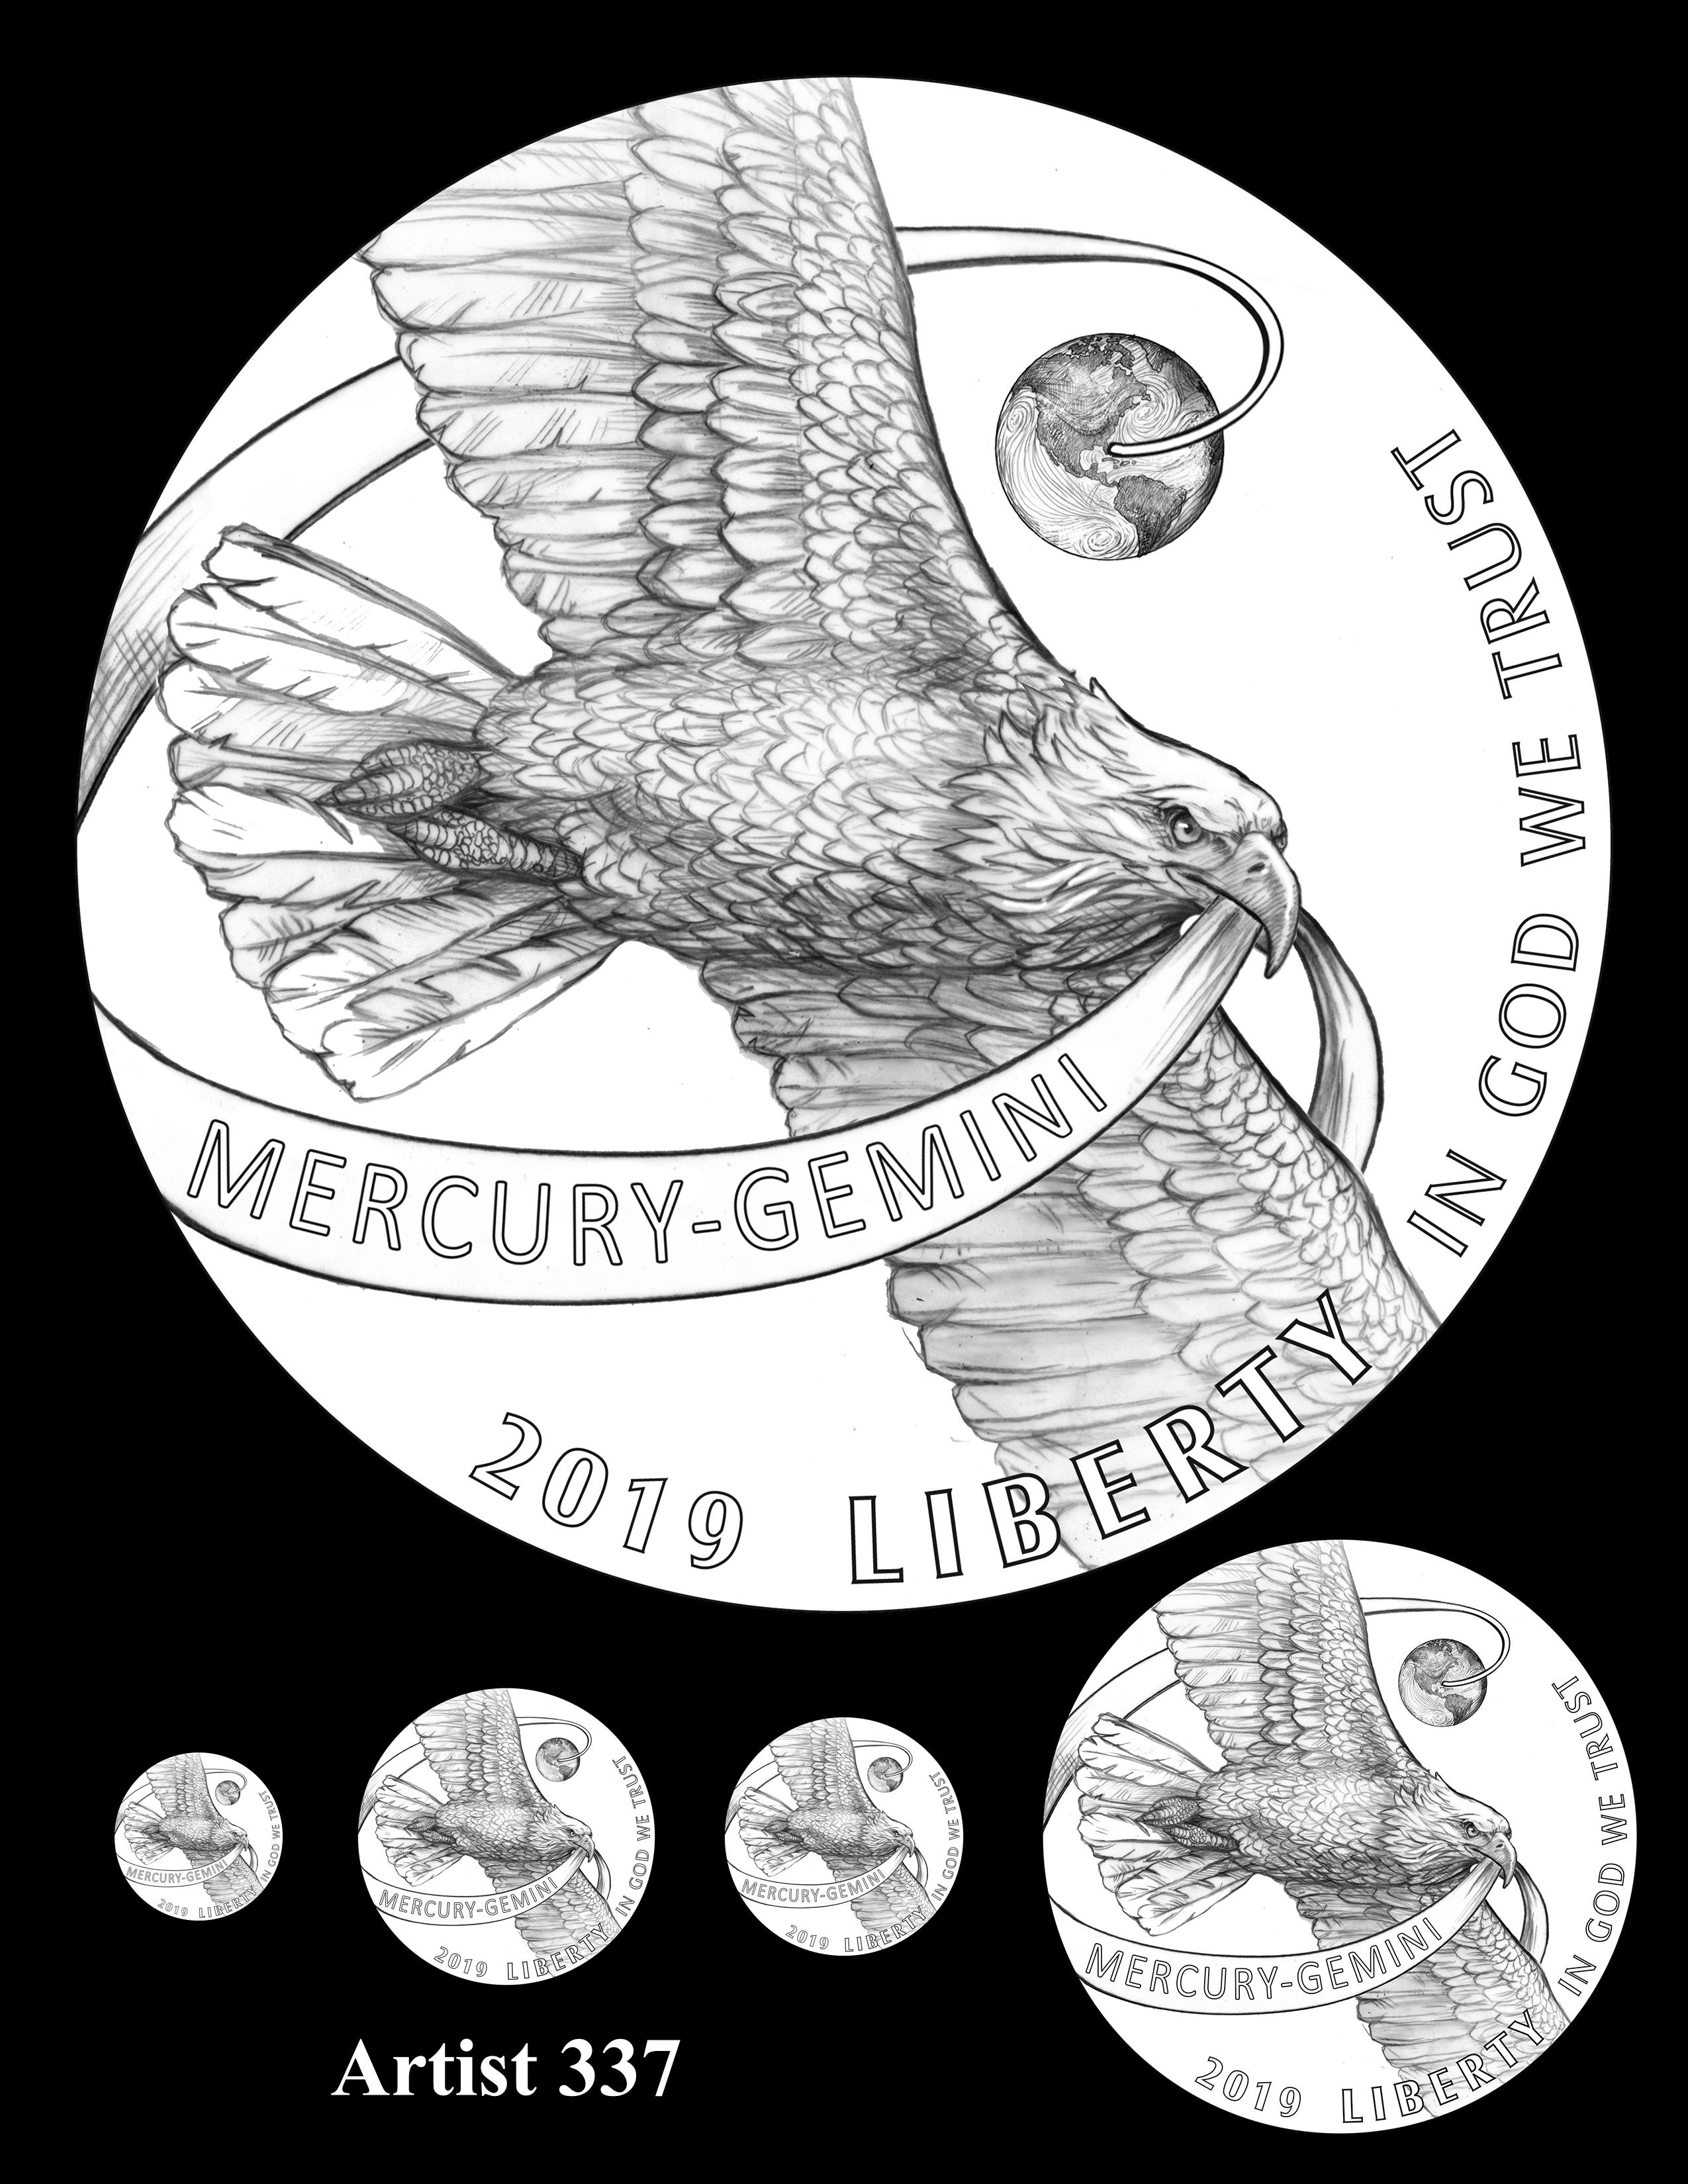 Artist 337 -- Apollo 11 50th Anniversary Commemorative Coin Obverse Design Competition